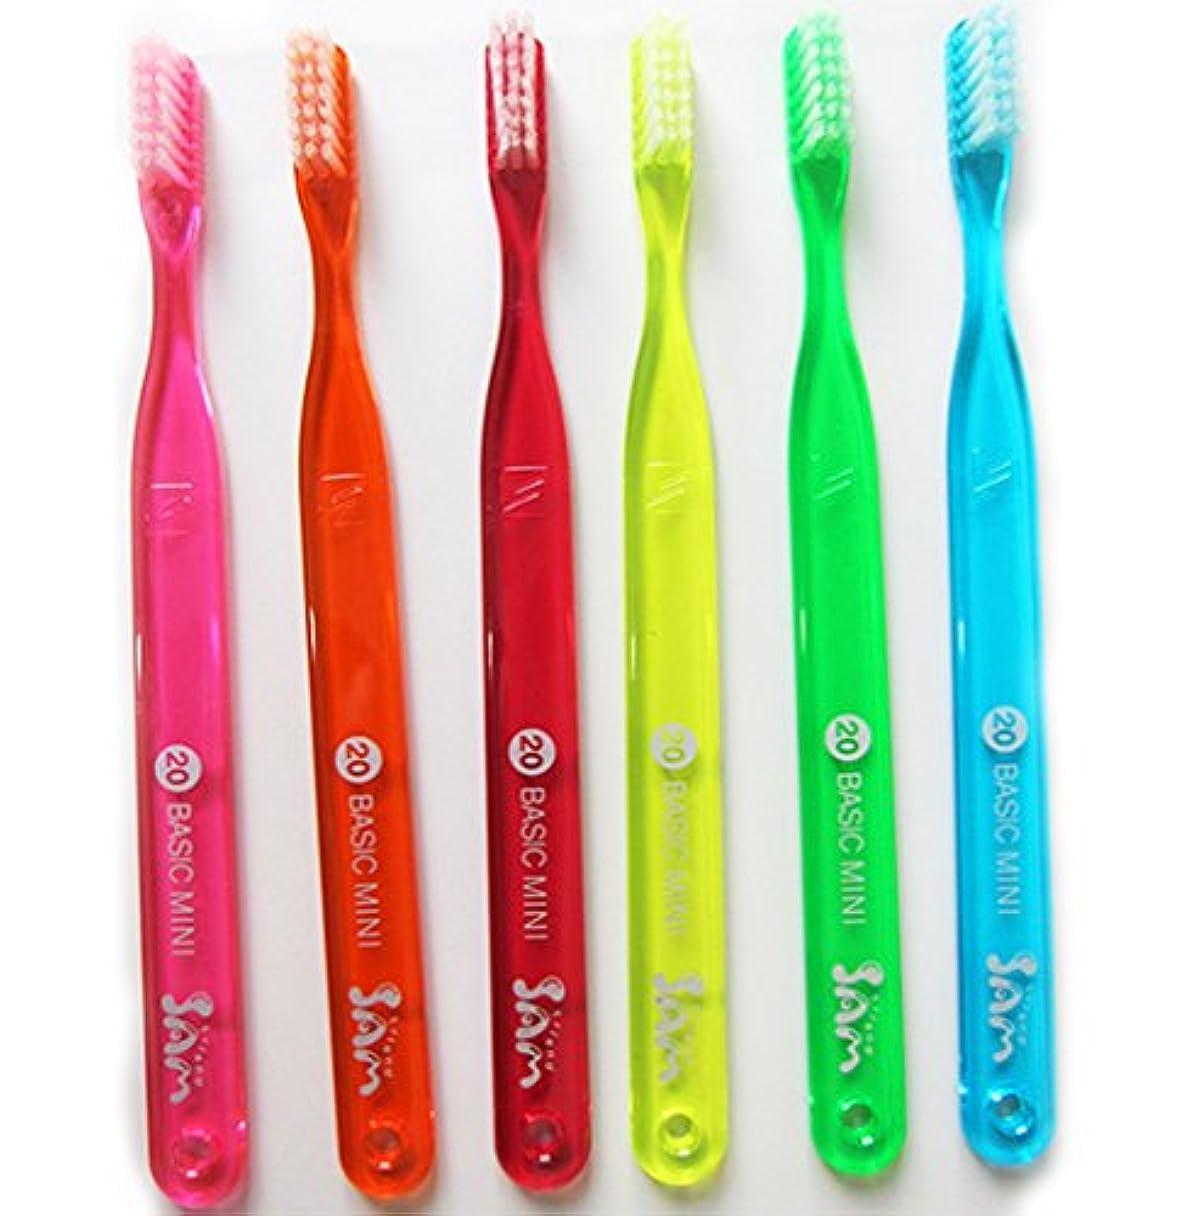 統合するウイルスワーディアンケースサムフレンド 【歯ブラシ】【サムフレンド 20】【6本】サムフレンド歯ブラシ20 BASIC MEDIUM Mini 6色セット【歯科